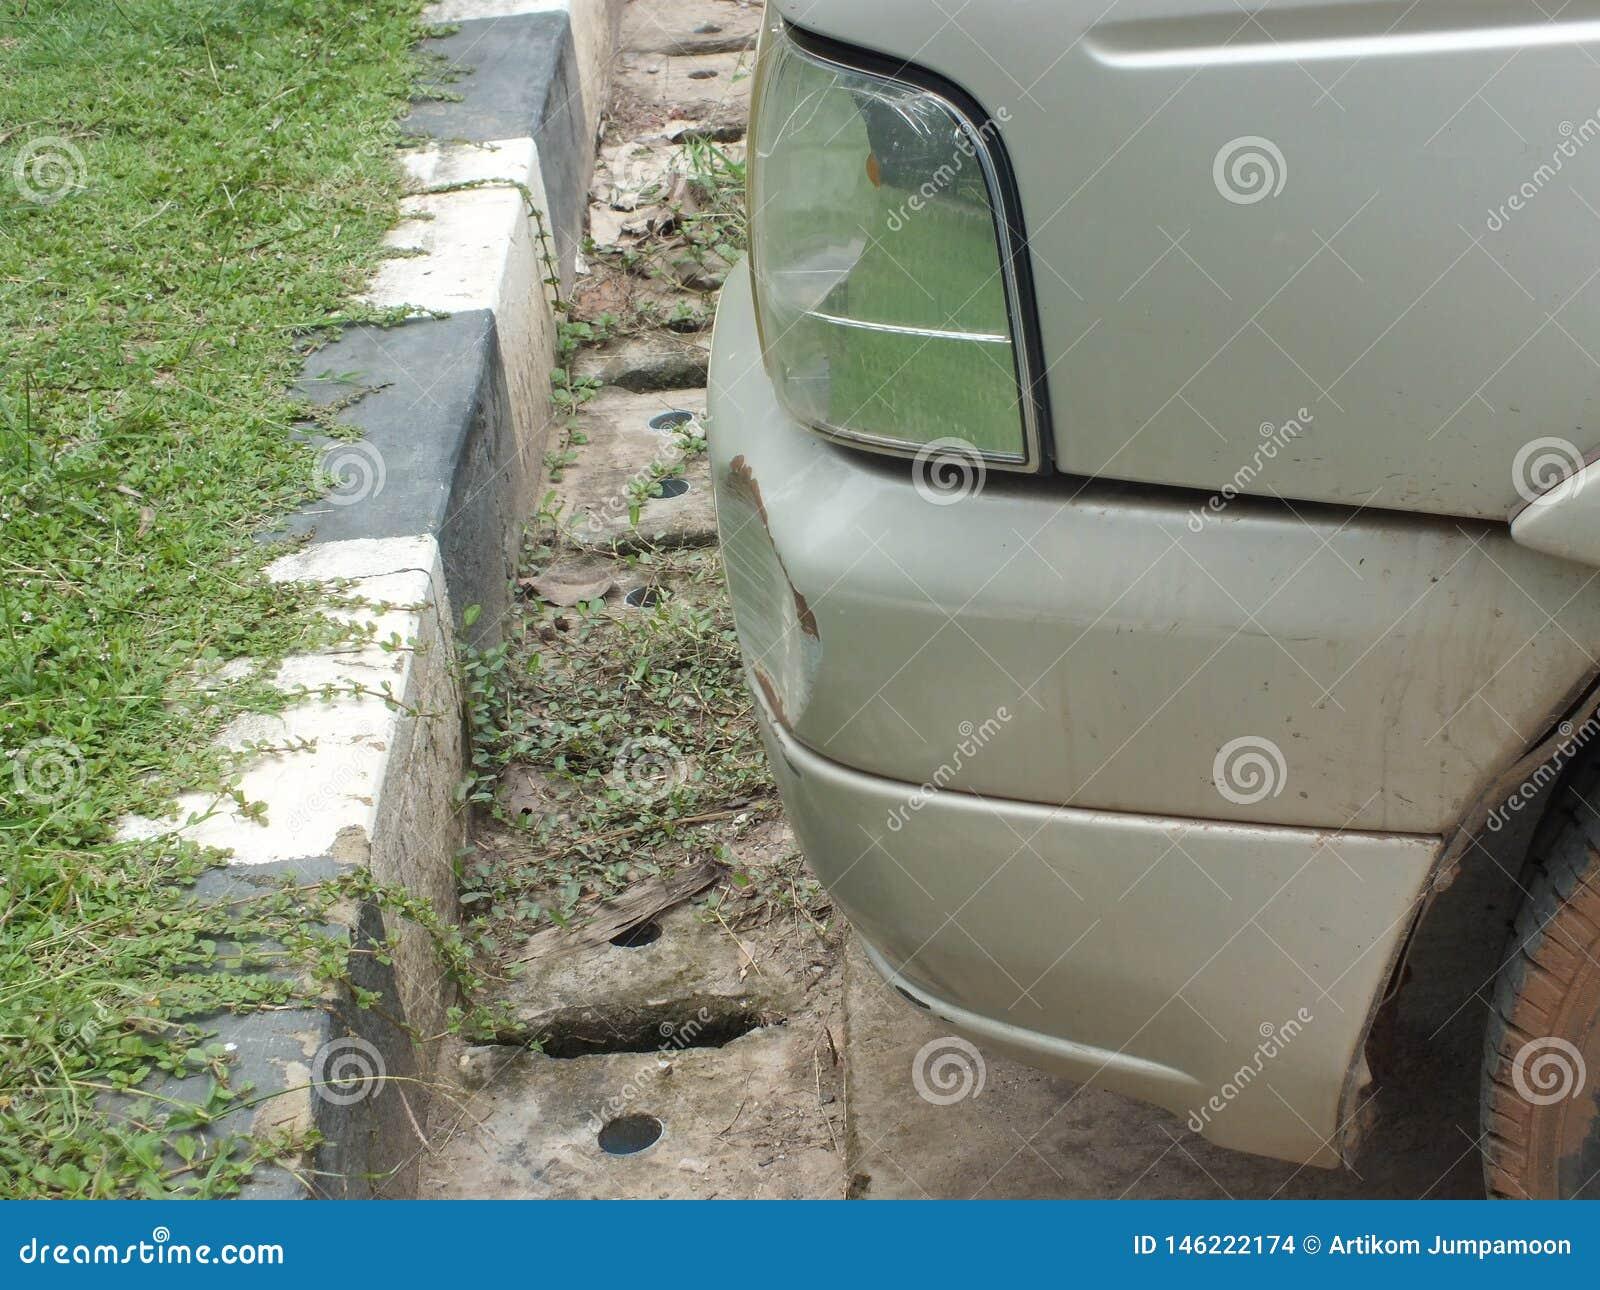 La voiture a ?t? heurt?e par un accident en raison des abrasions ou de s effondrer Devrait ?tre r?par?